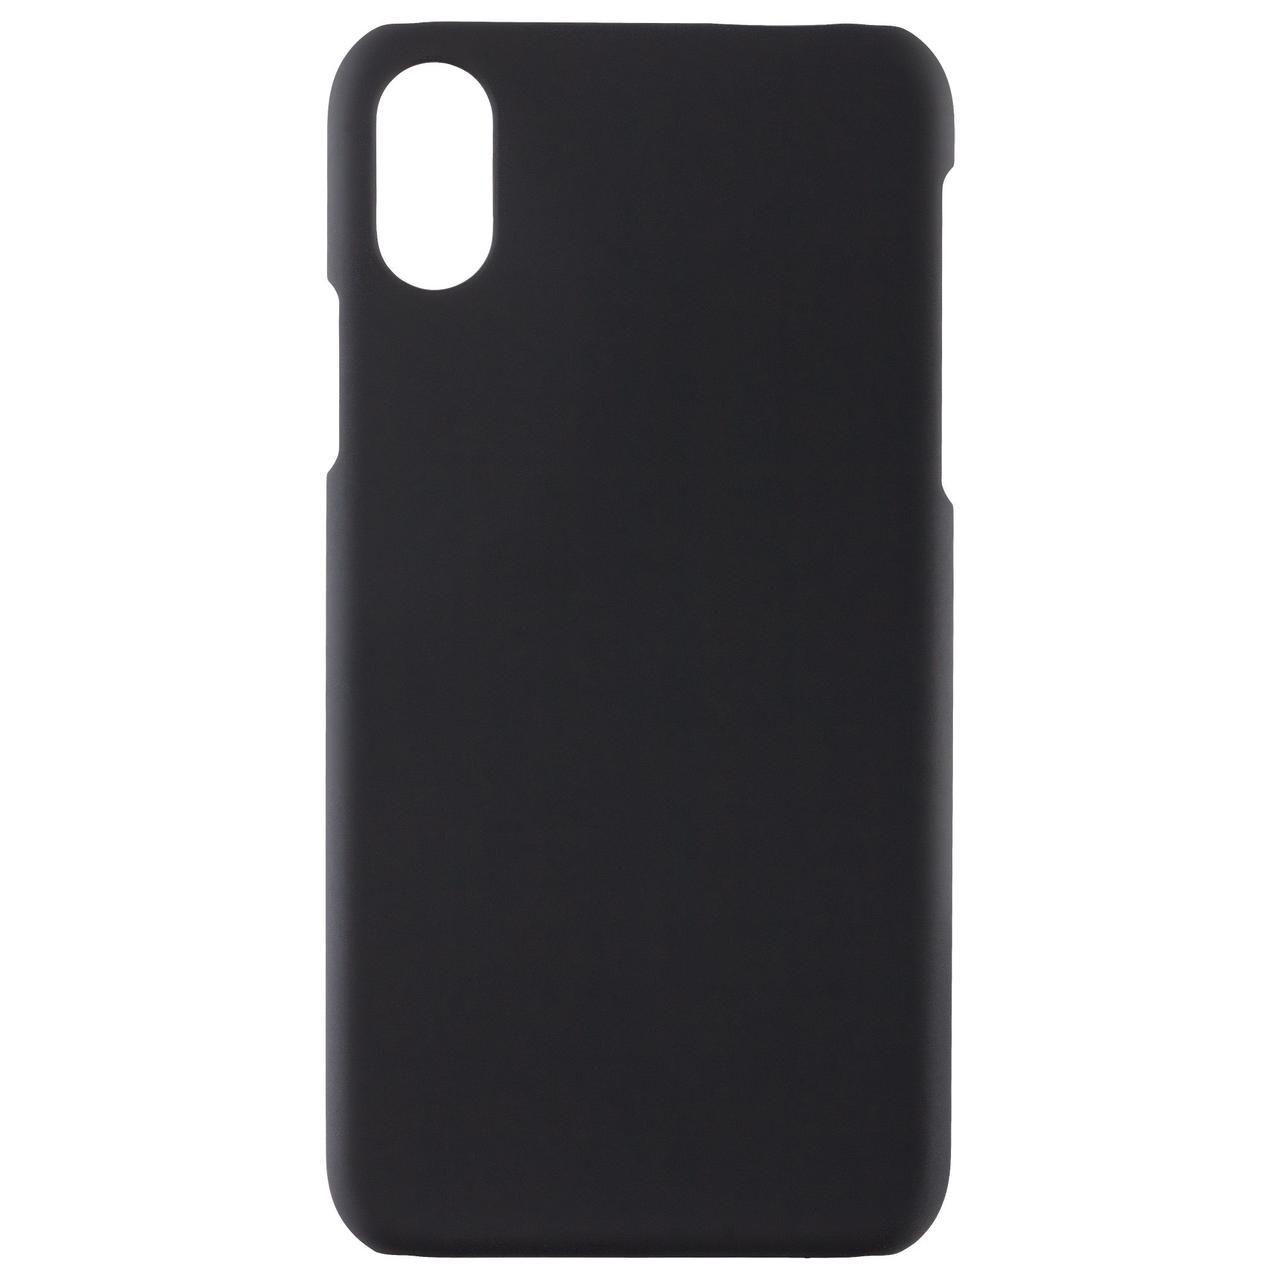 Чехол Exсellence для iPhone X, пластиковый, черный